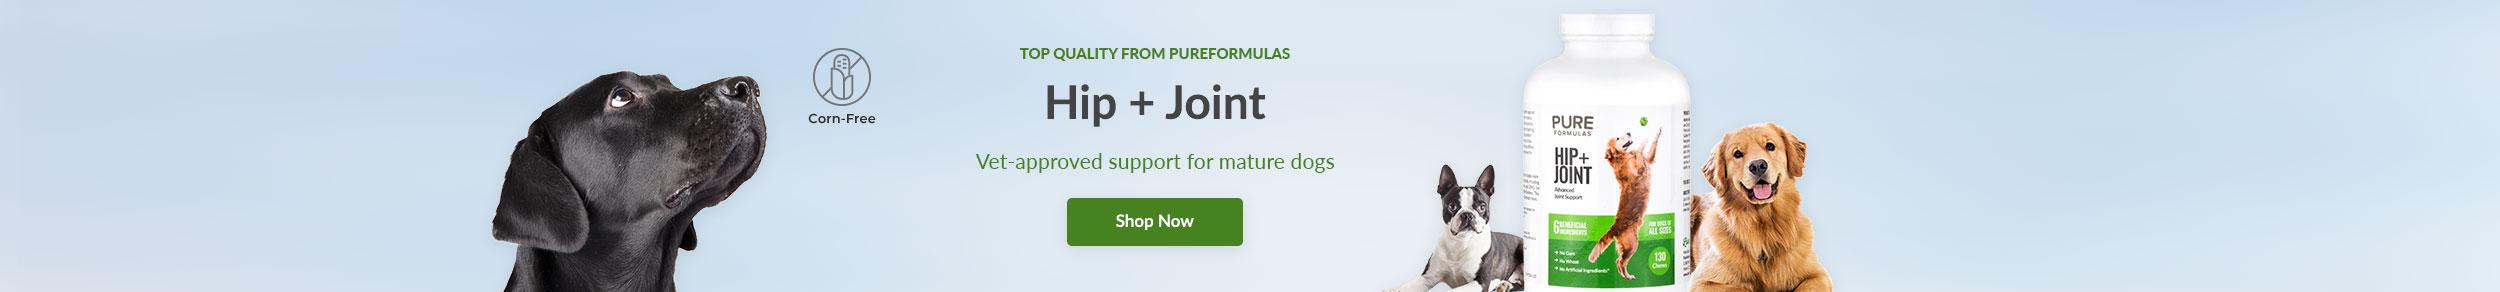 https://i3.pureformulas.net/images/static/Pureformulas-Pet-Health-Hip-And-Joint_slide2_062718.jpg